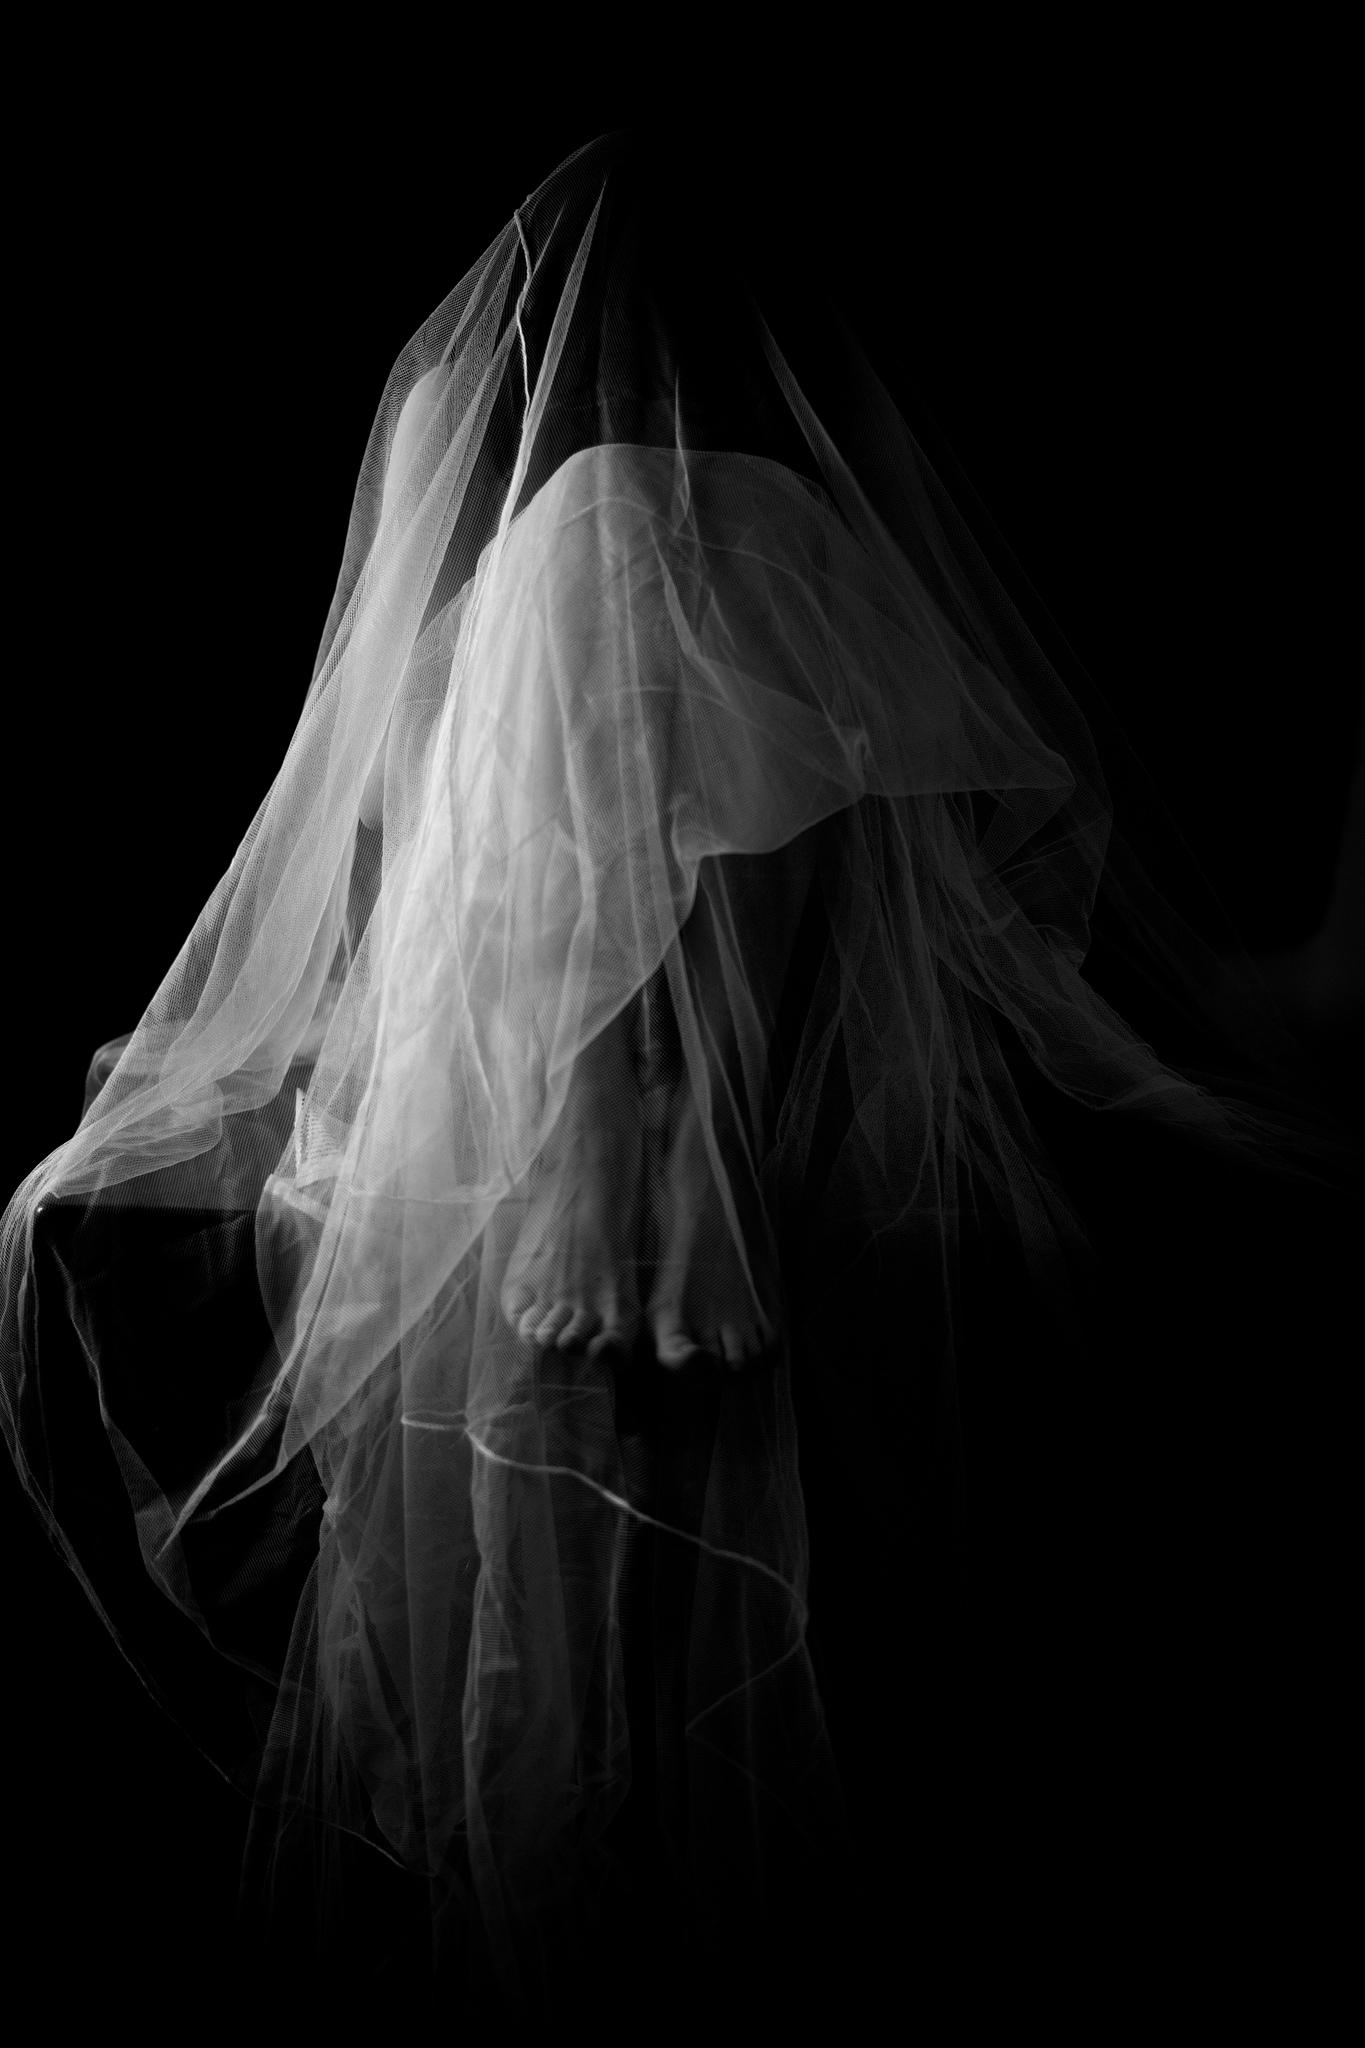 Marilina Ghost...